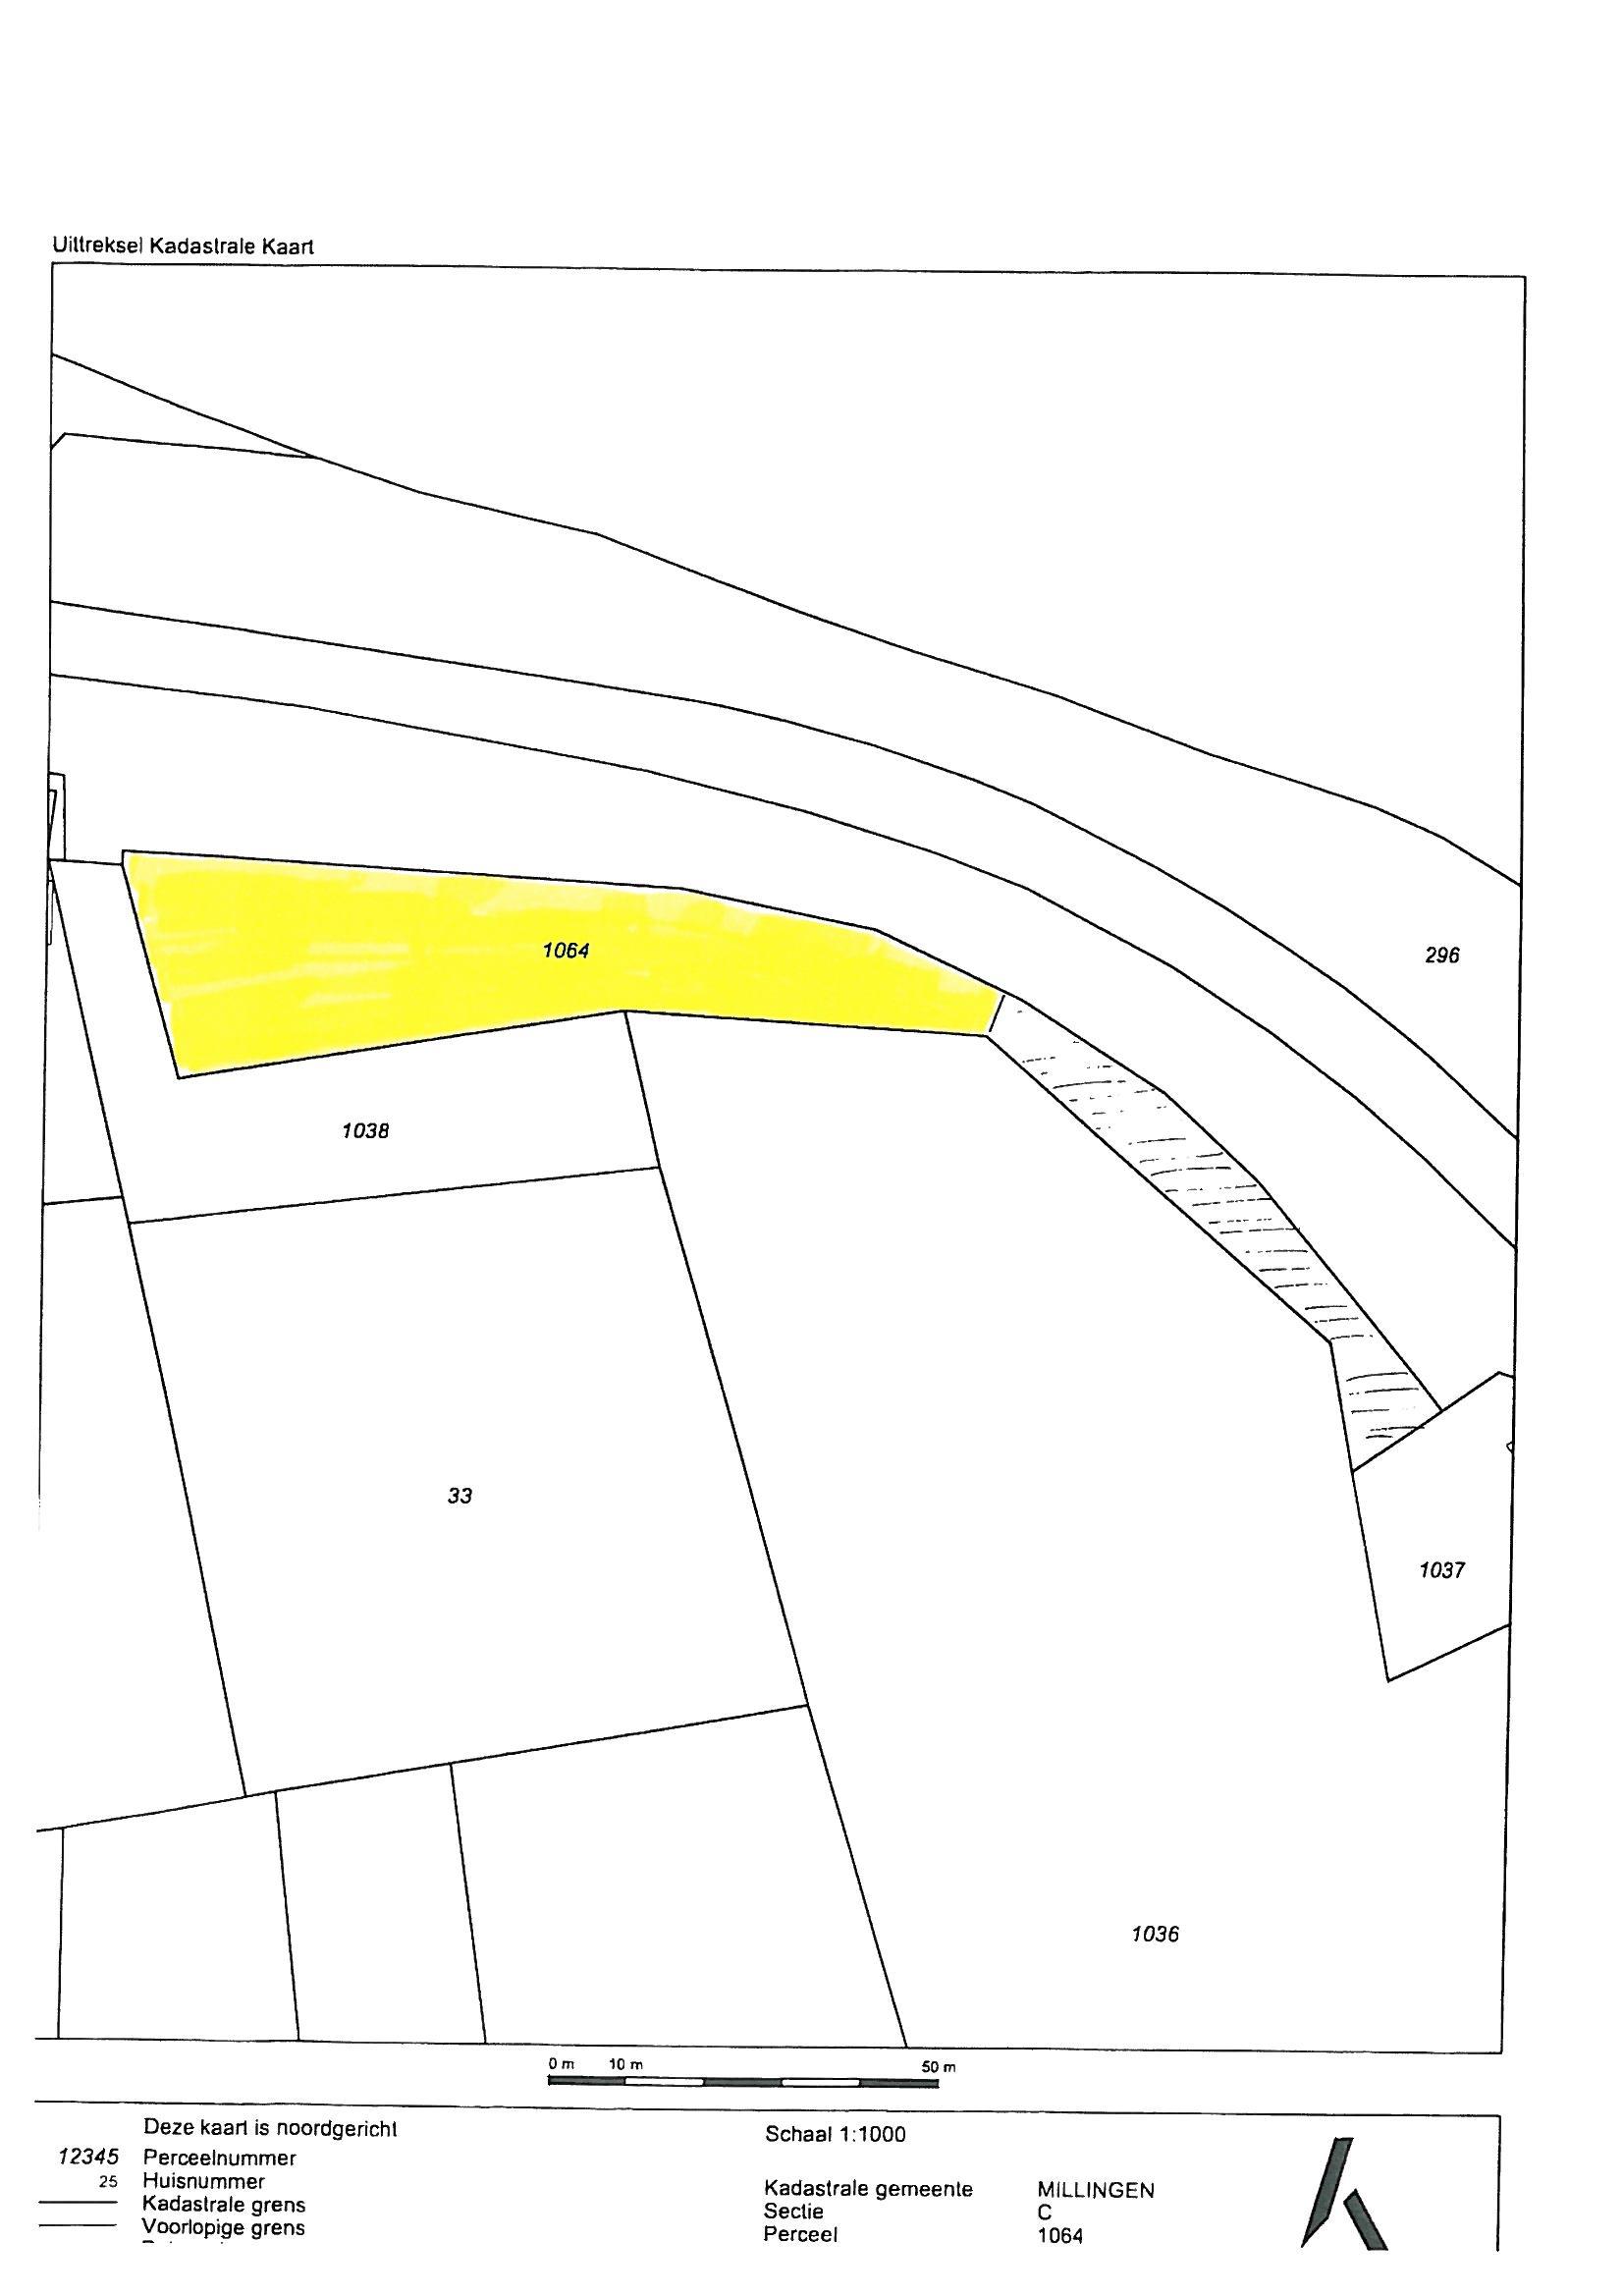 Floorplan - Rijndijk, 6566 CG Millingen aan de Rijn